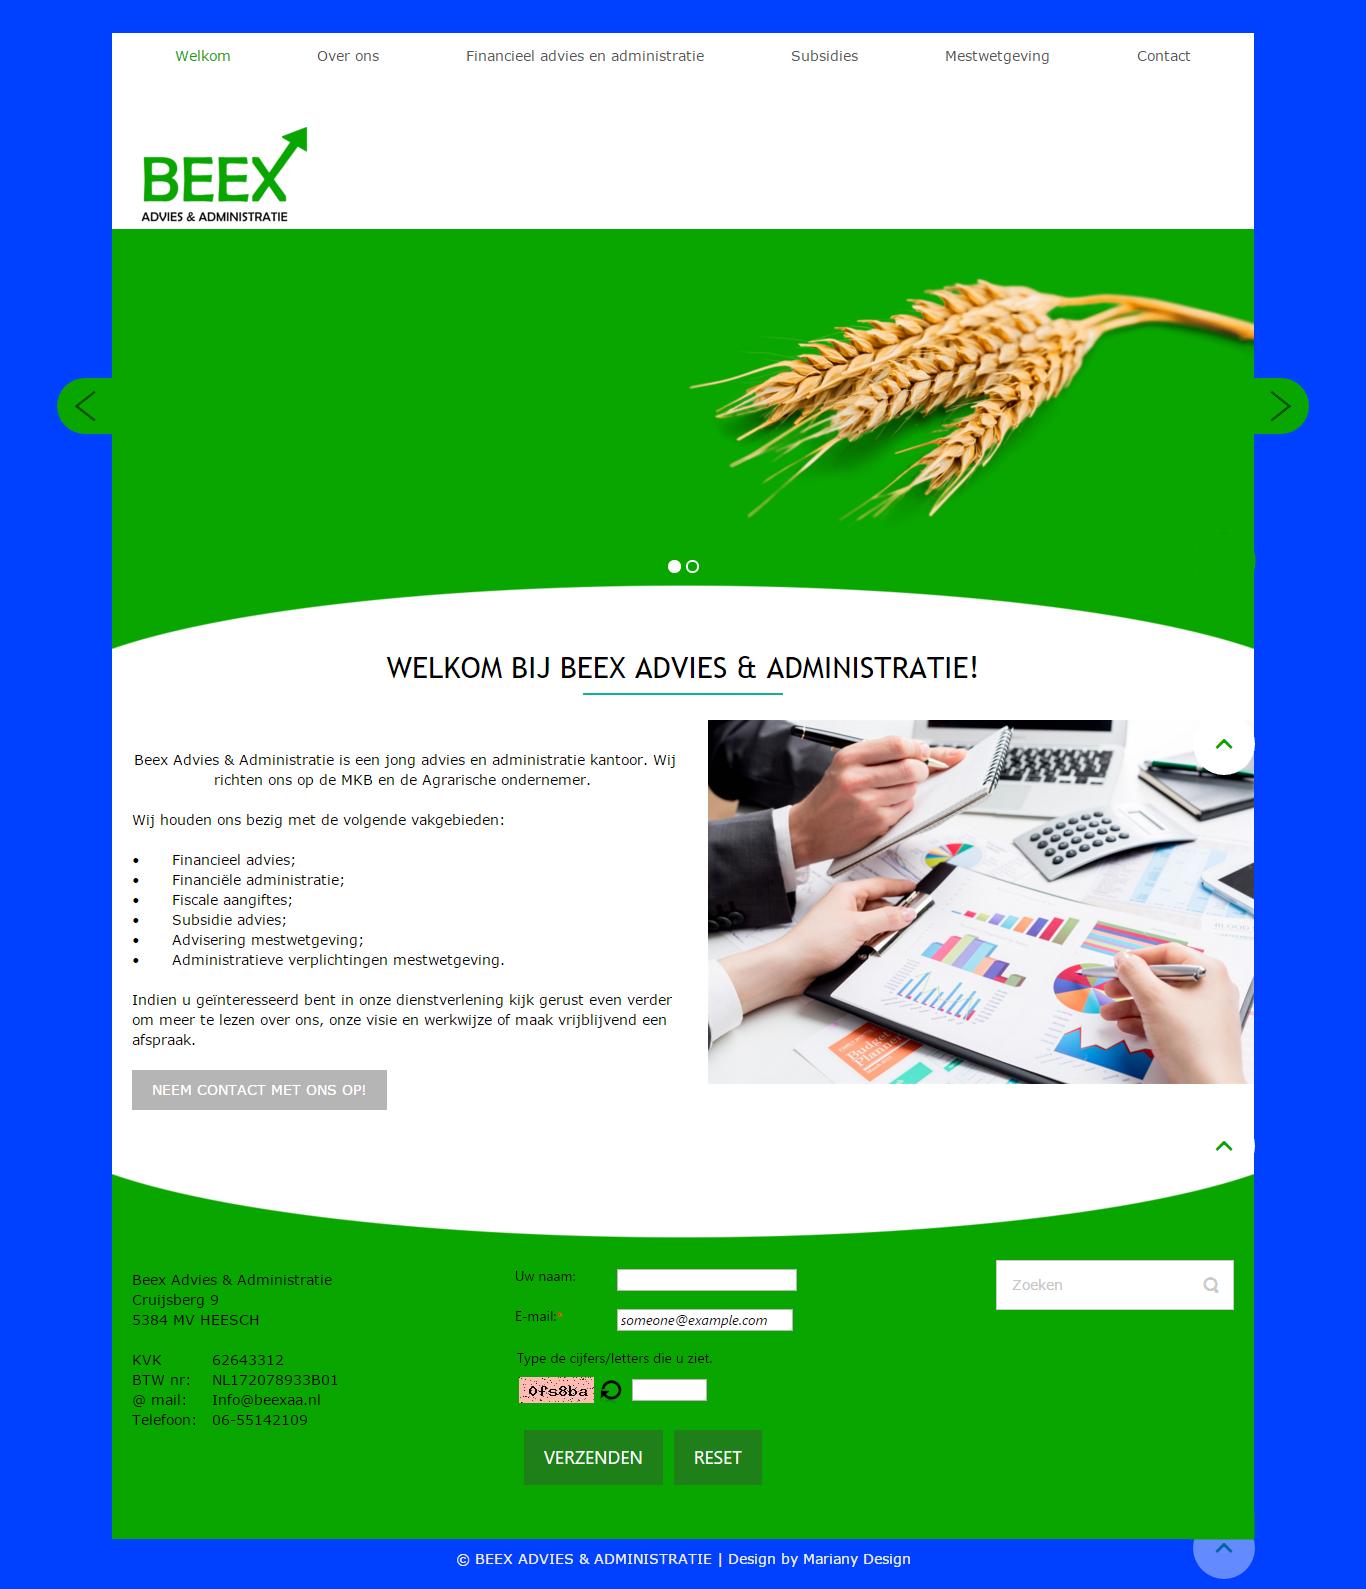 www.beexaa.nl